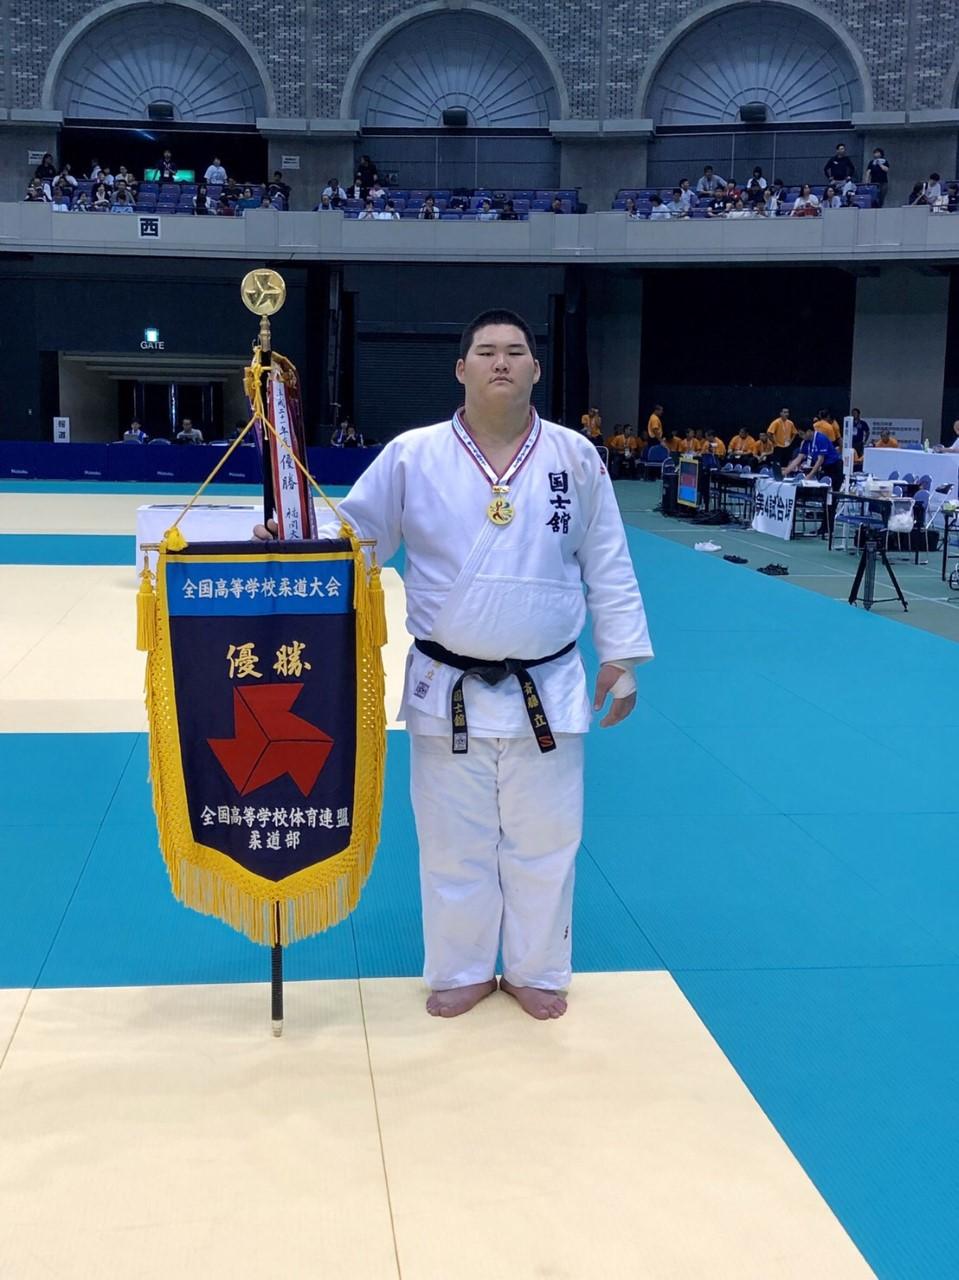 個人戦100㌔超級で優勝した斉藤選手